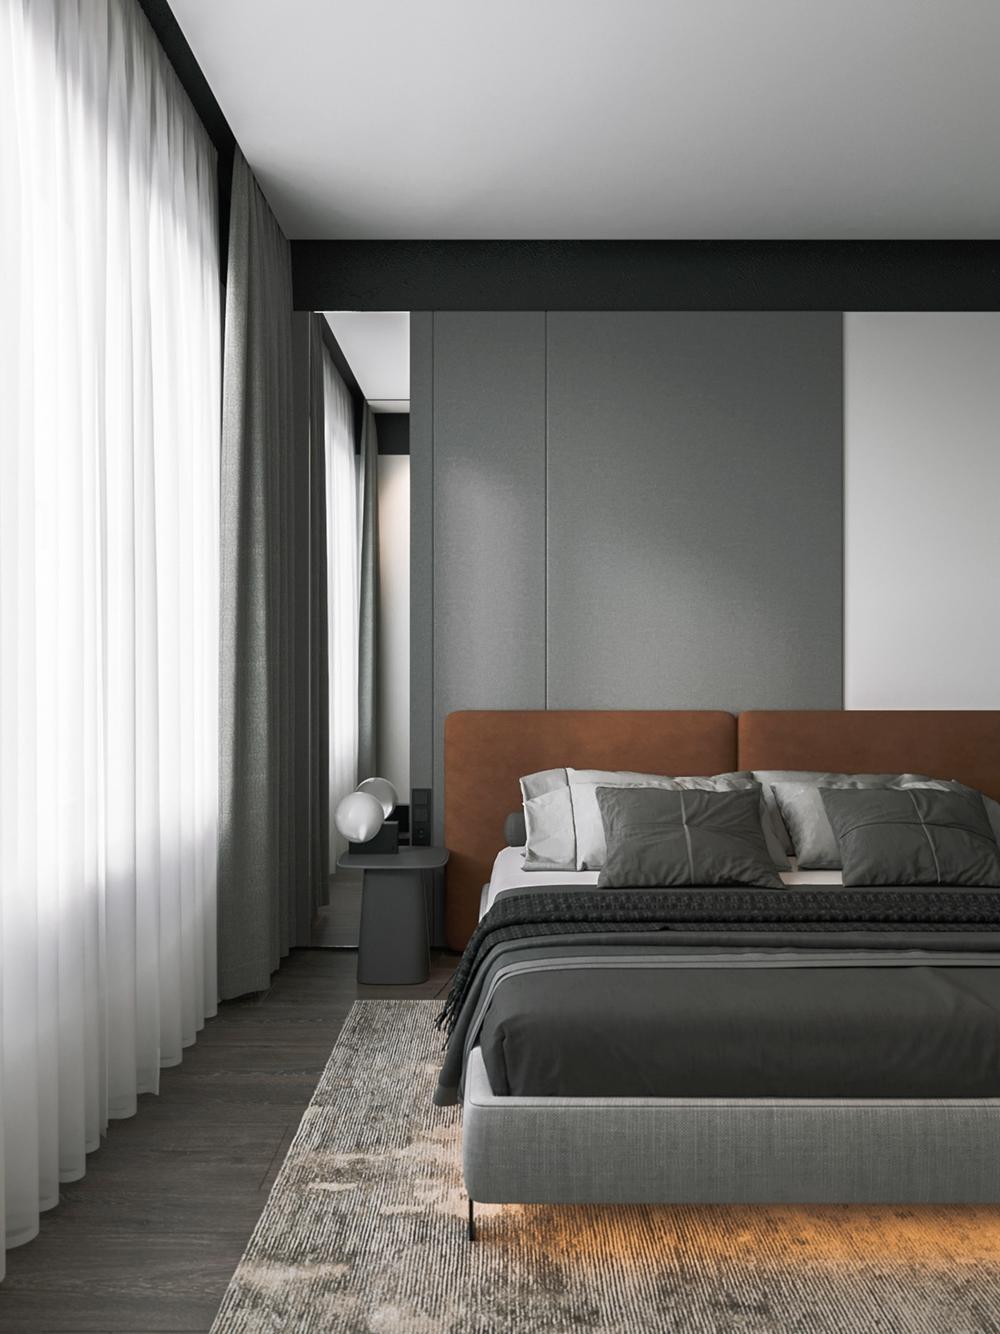 卧室以白色和灰色为祭祀奥,整个空间的气氛带着些许克制感,有效的避免了过多色彩的注入。